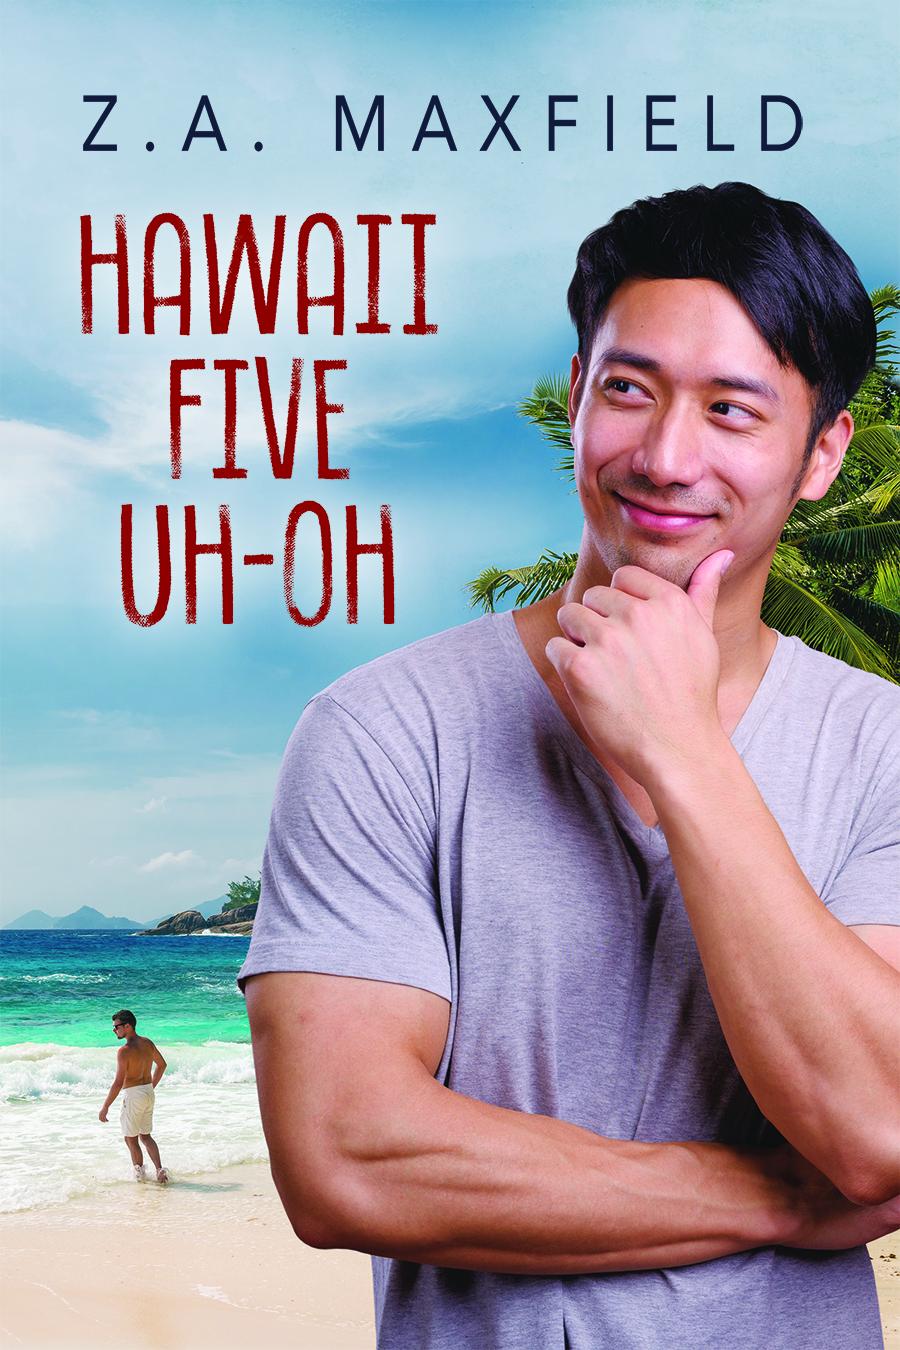 HawaiiFiveUhOh_FS